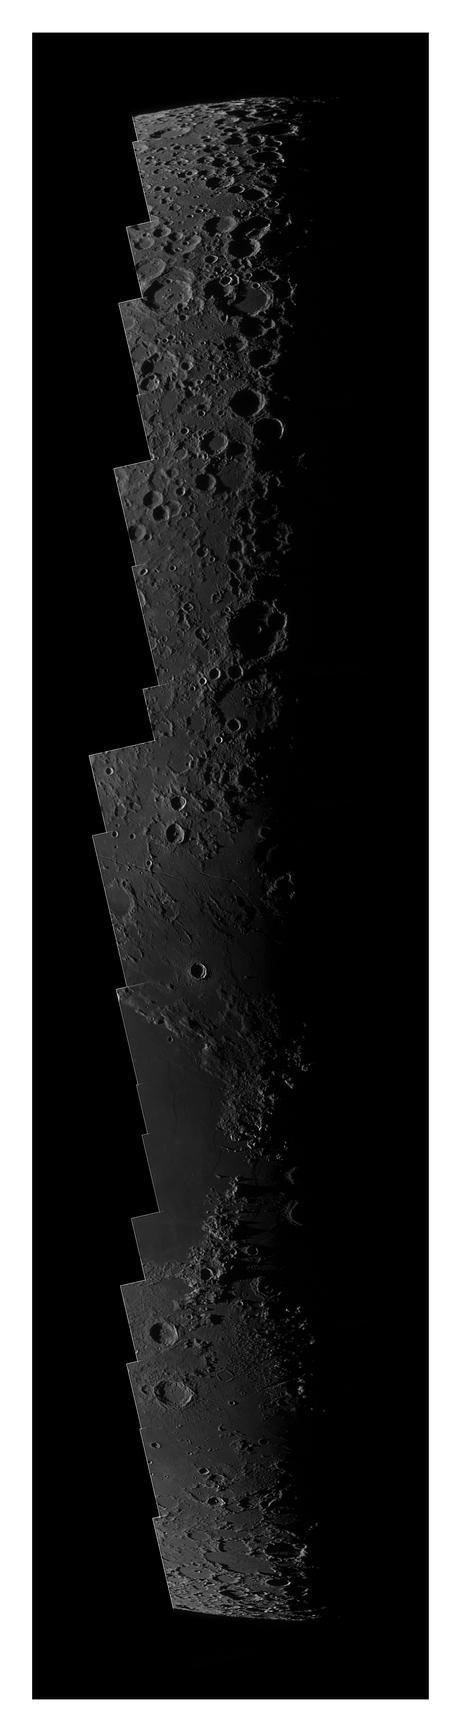 Lunar Terminator 07-09-2008 by Chrissyo